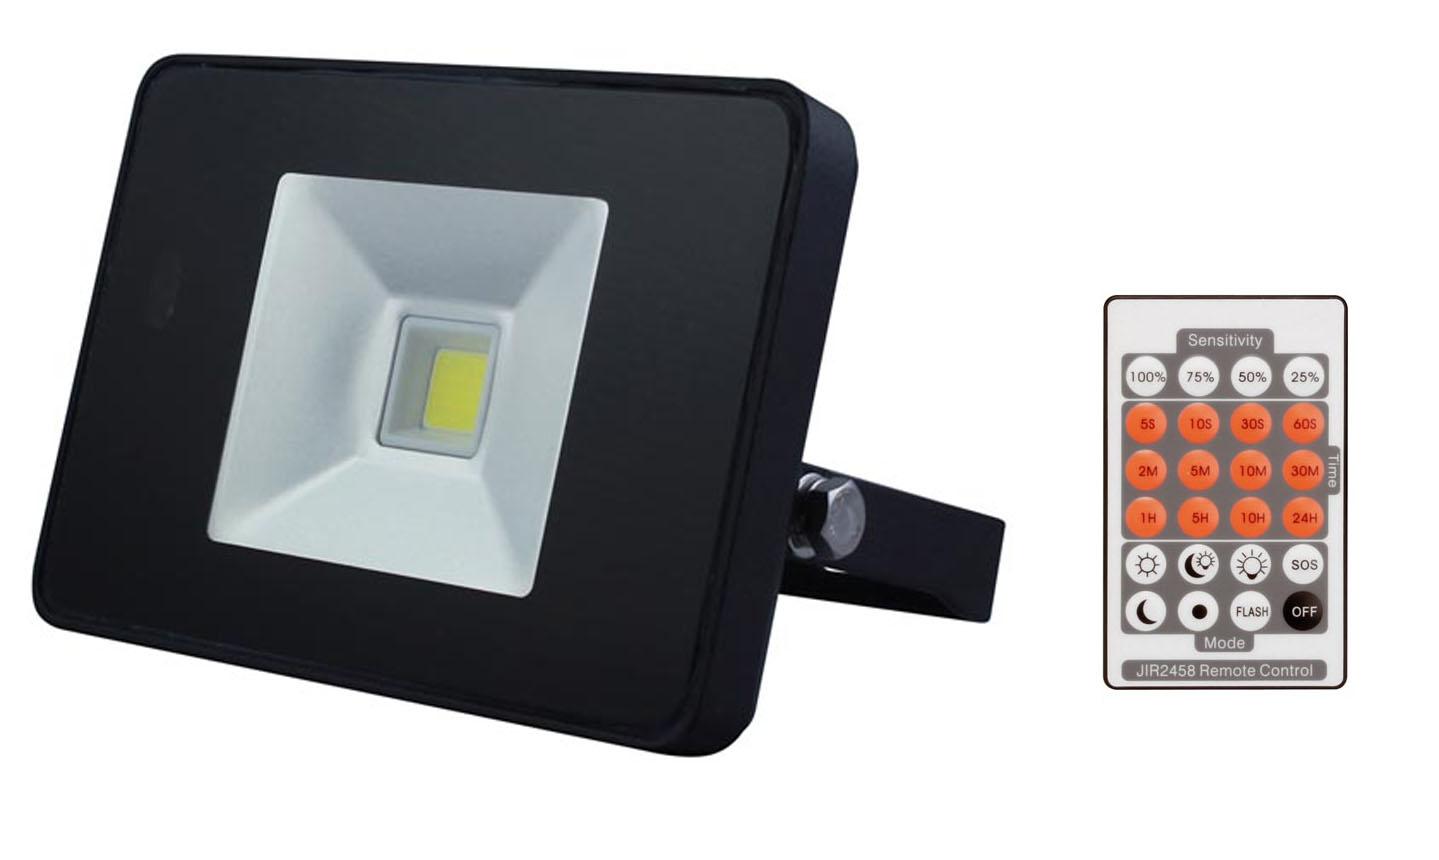 projecteur led ultraplat avec detecteur et telecommande achat en ligne ou dans notre magasin. Black Bedroom Furniture Sets. Home Design Ideas